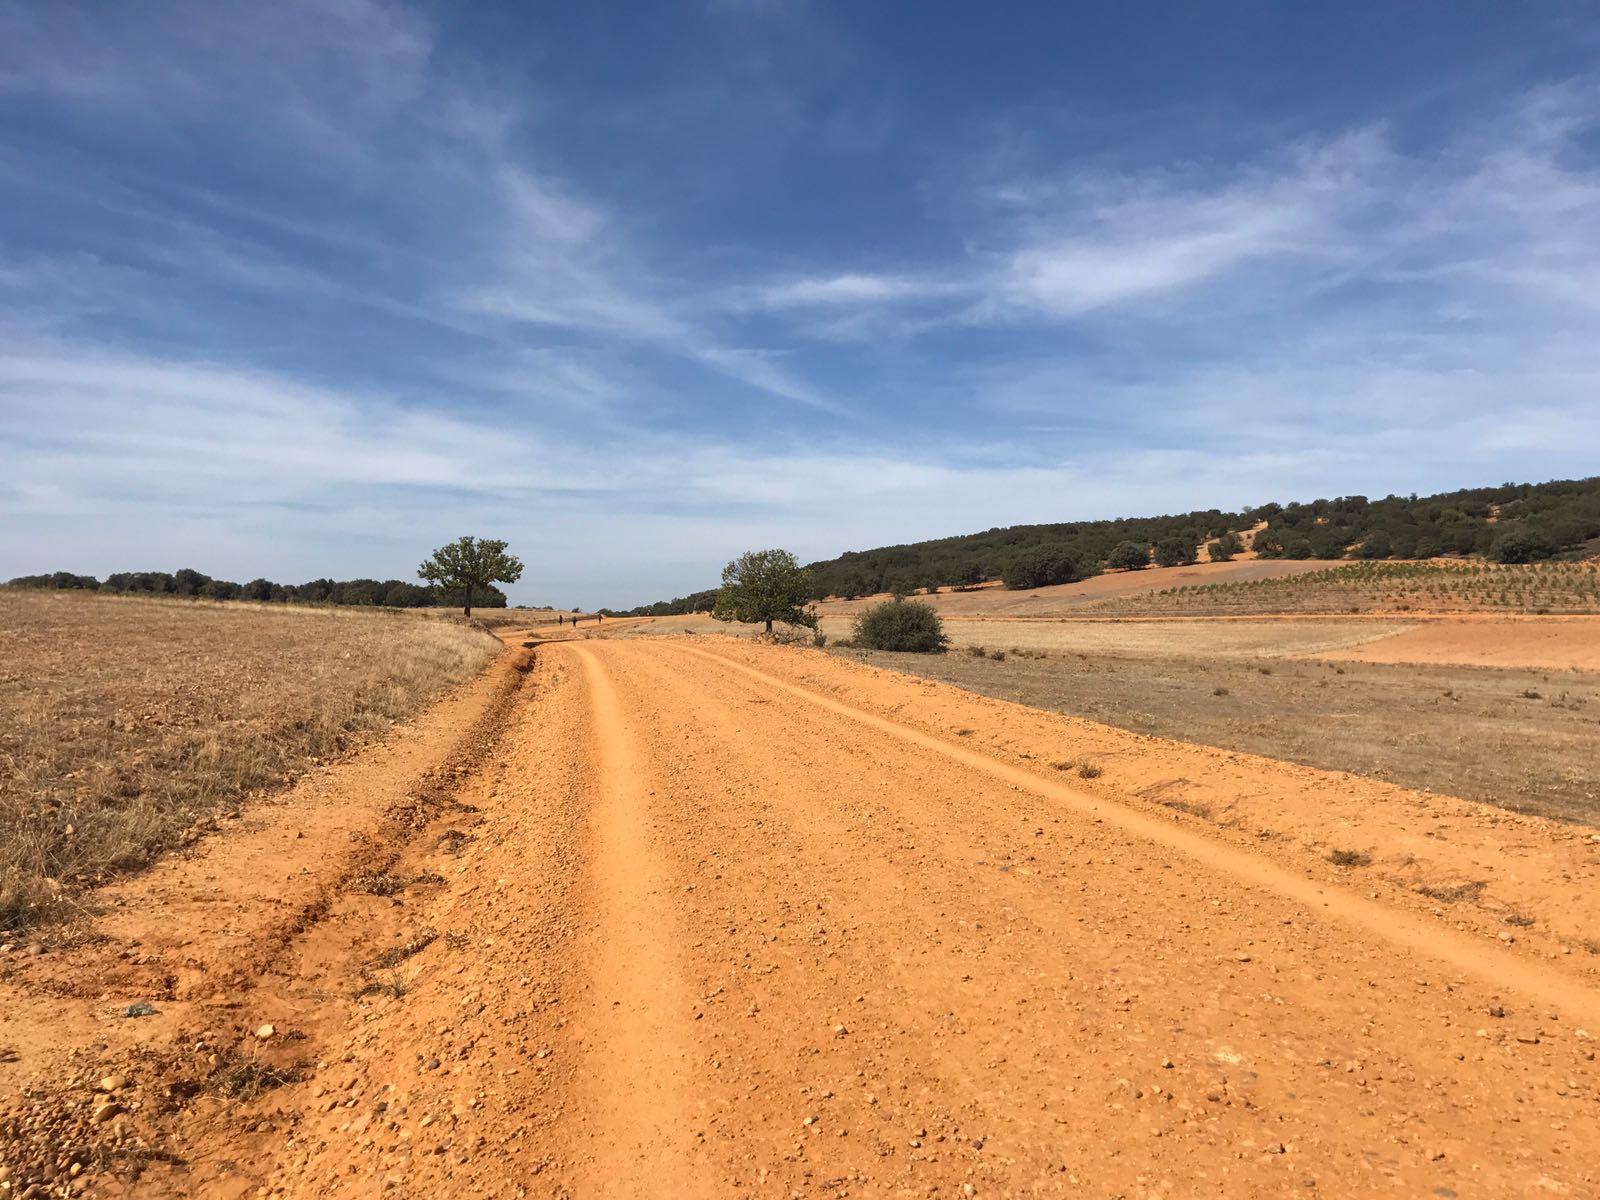 Orange dusty path below a blue sky